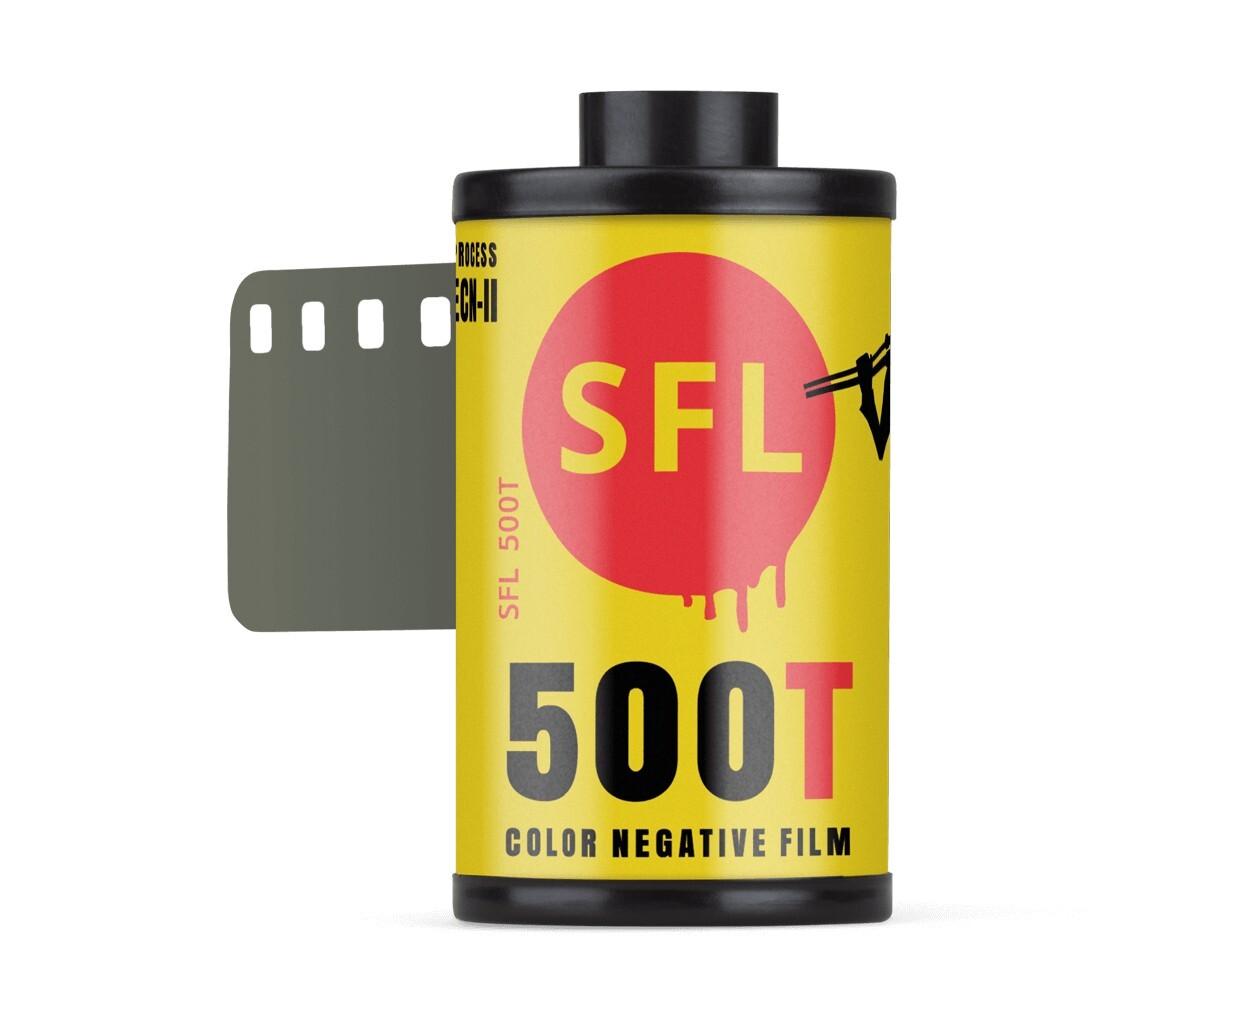 фотопленка sfl kodak 500t (135/24) цветная негативная в кассете